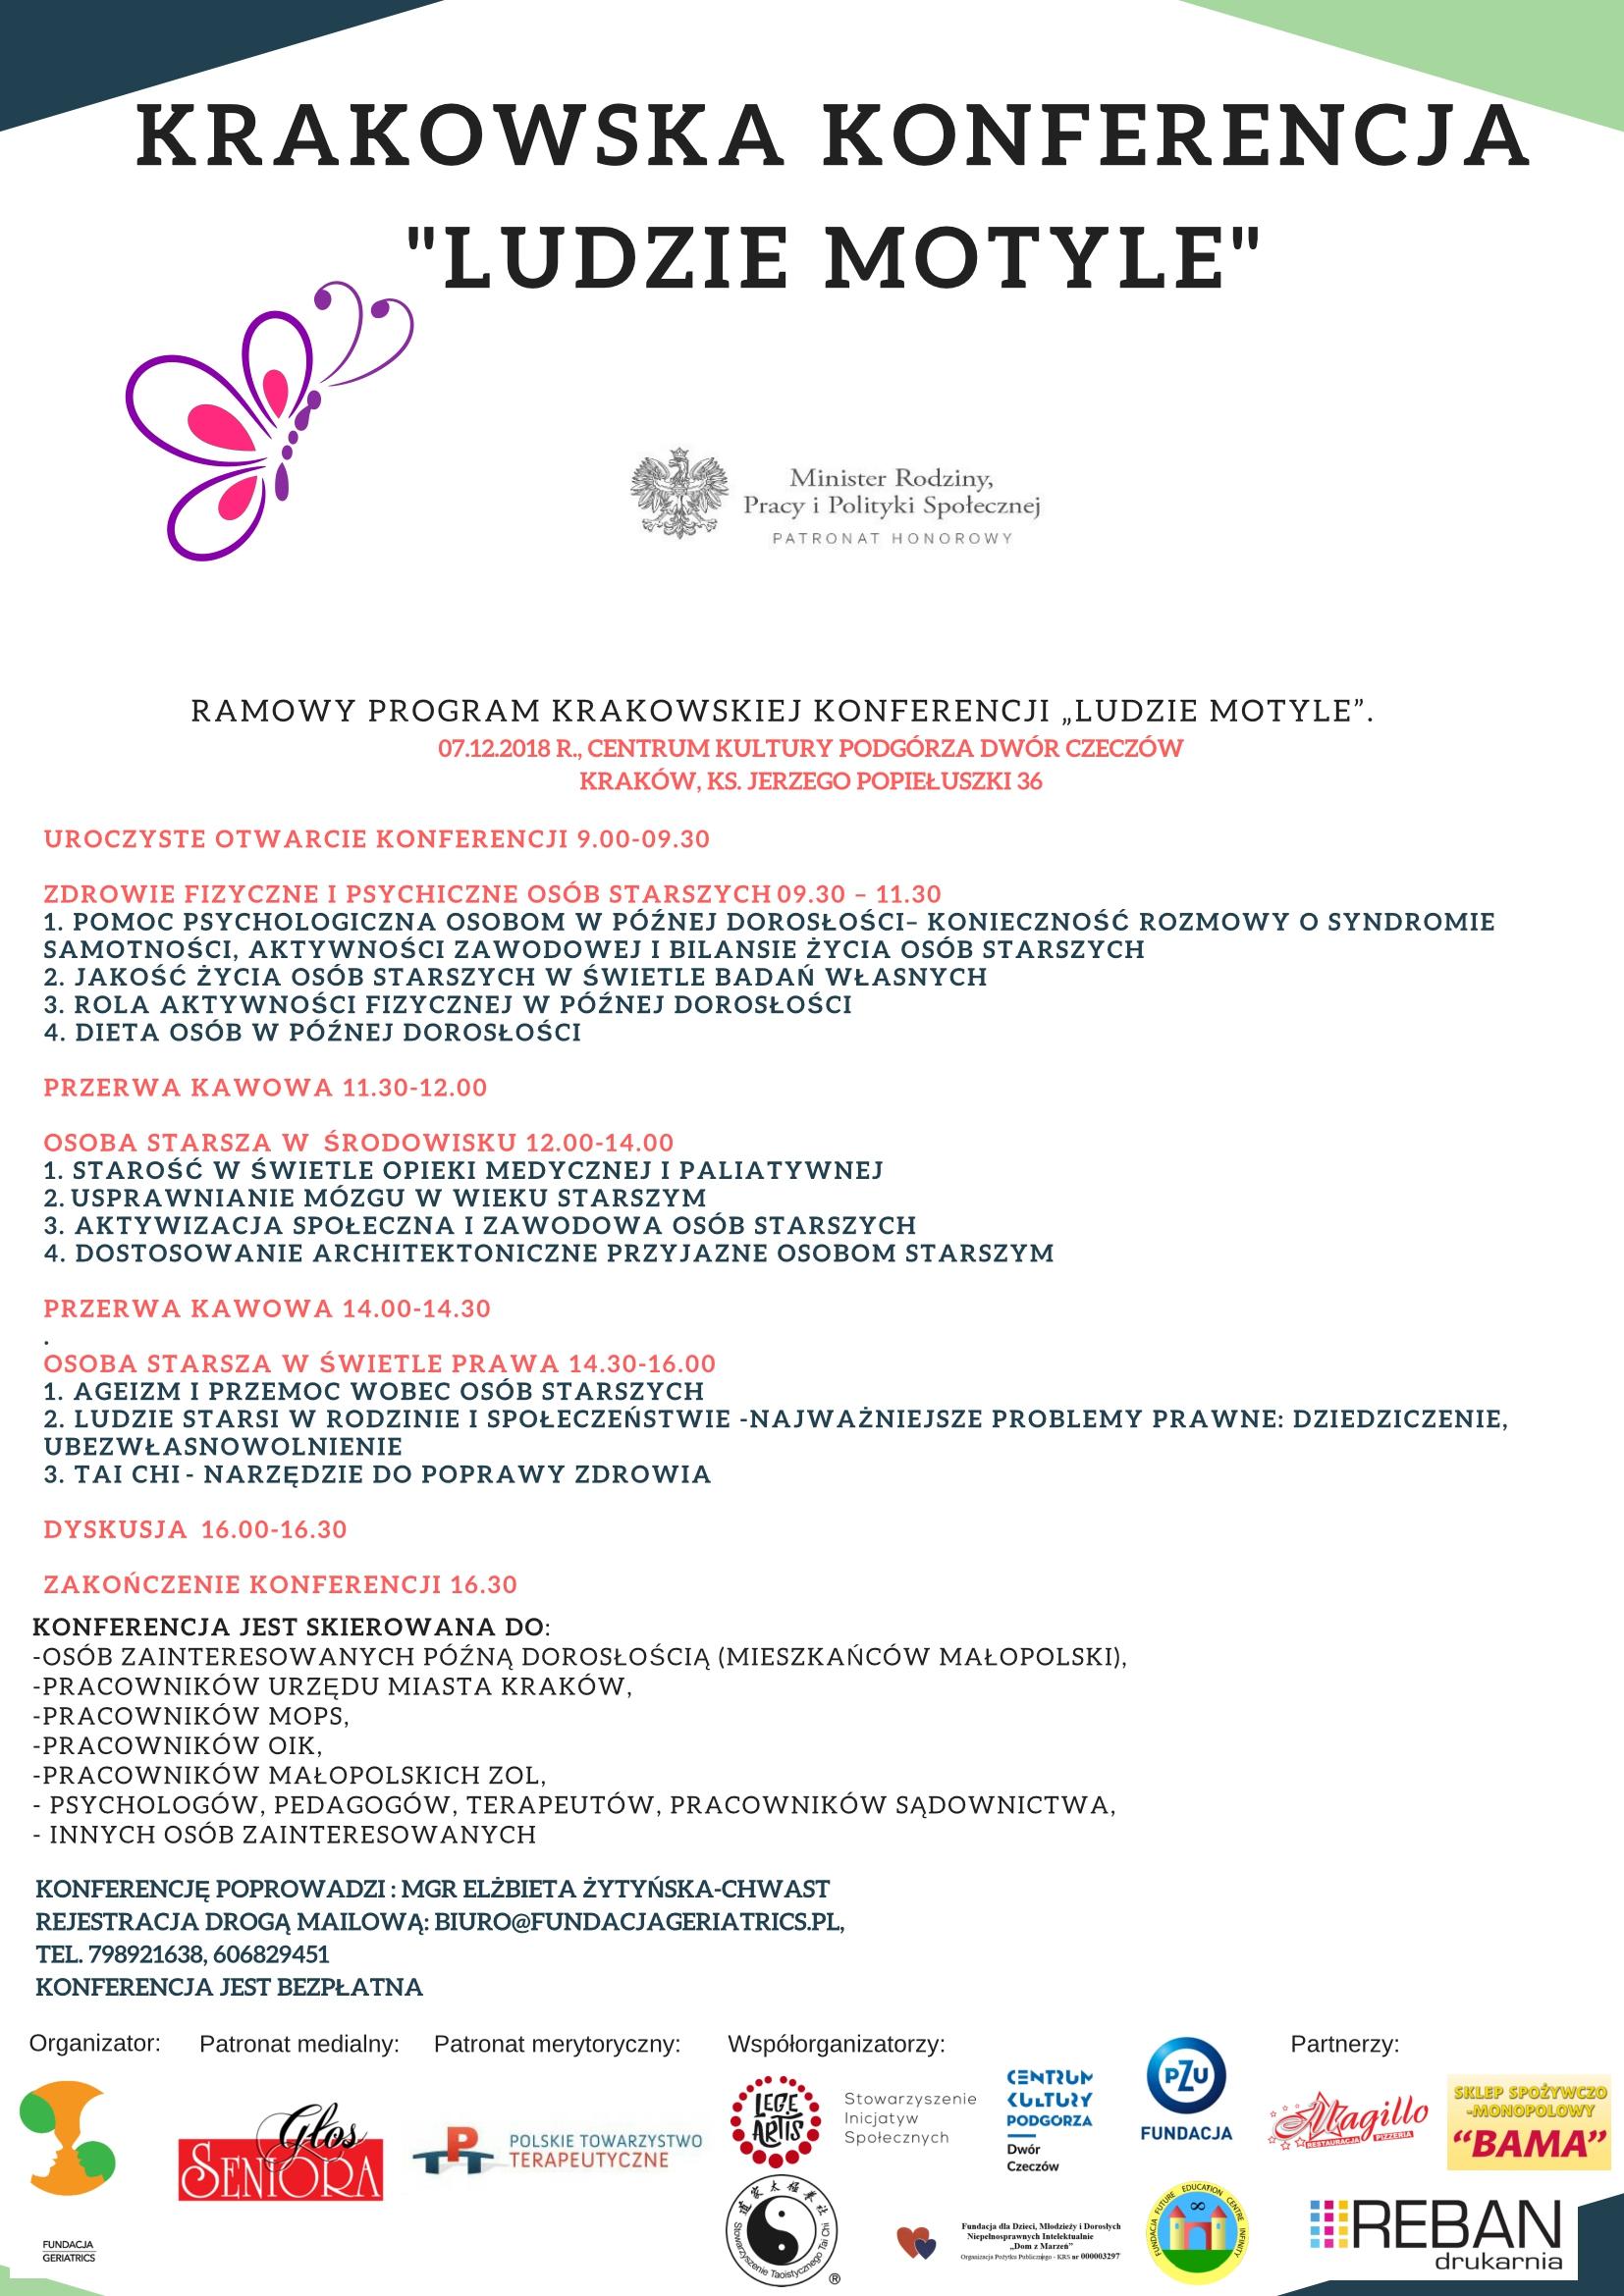 Zaproszenie na Krakowską Konferencję Ludzie Motyle 07.12.2018r